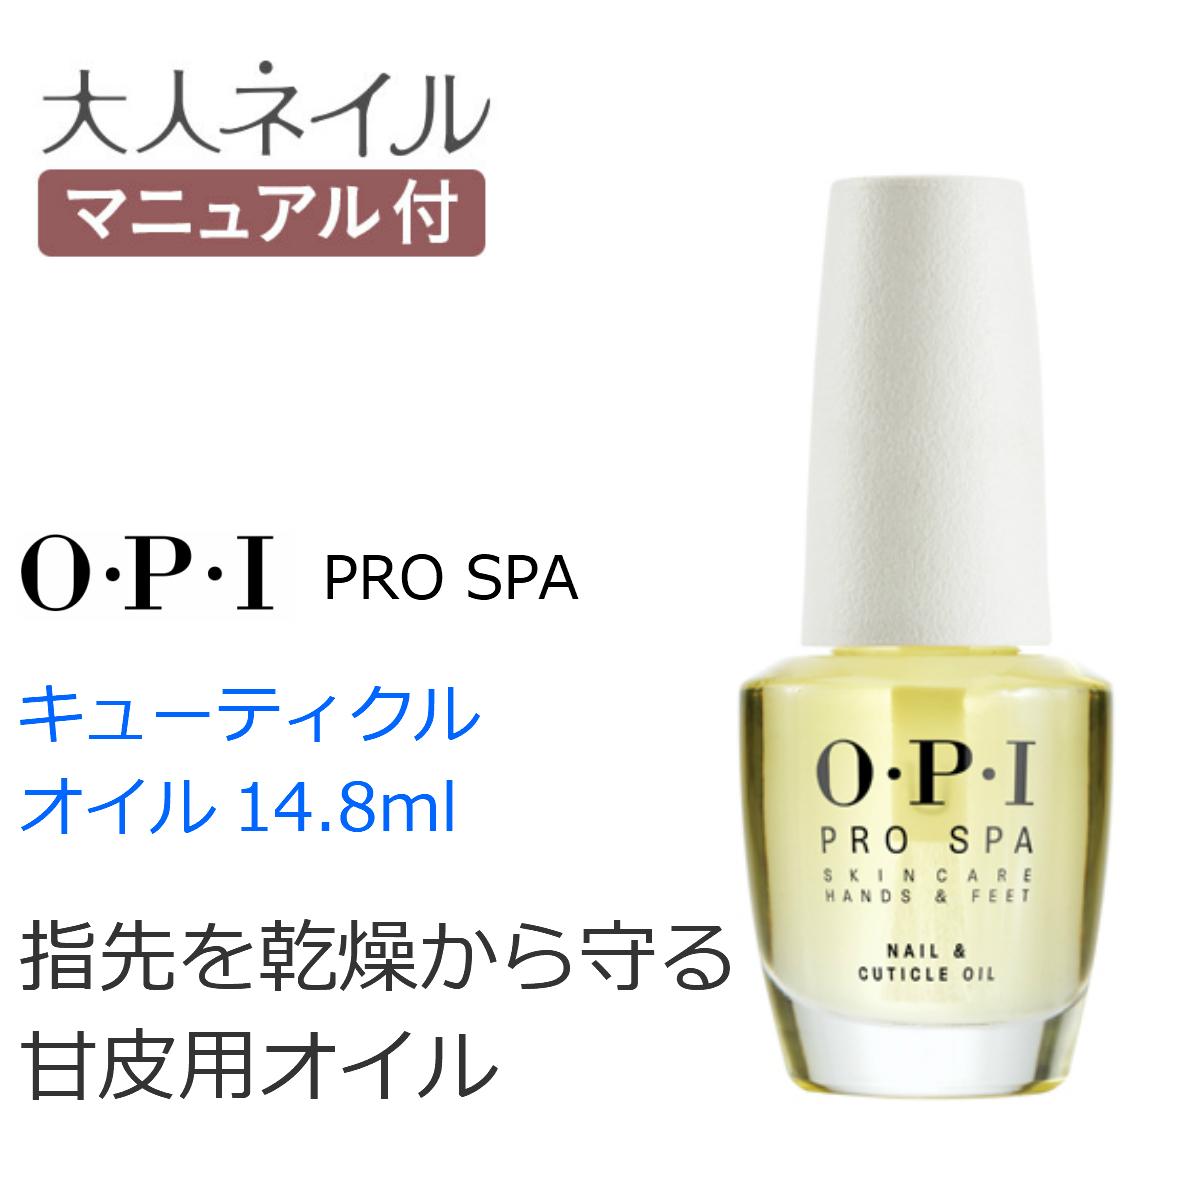 OPI オーピーアイ プロスパ ネイル&キューティクルオイル 14.8ml ネイルケア 乾燥 対策 指先 うるおう ささくれ オイル